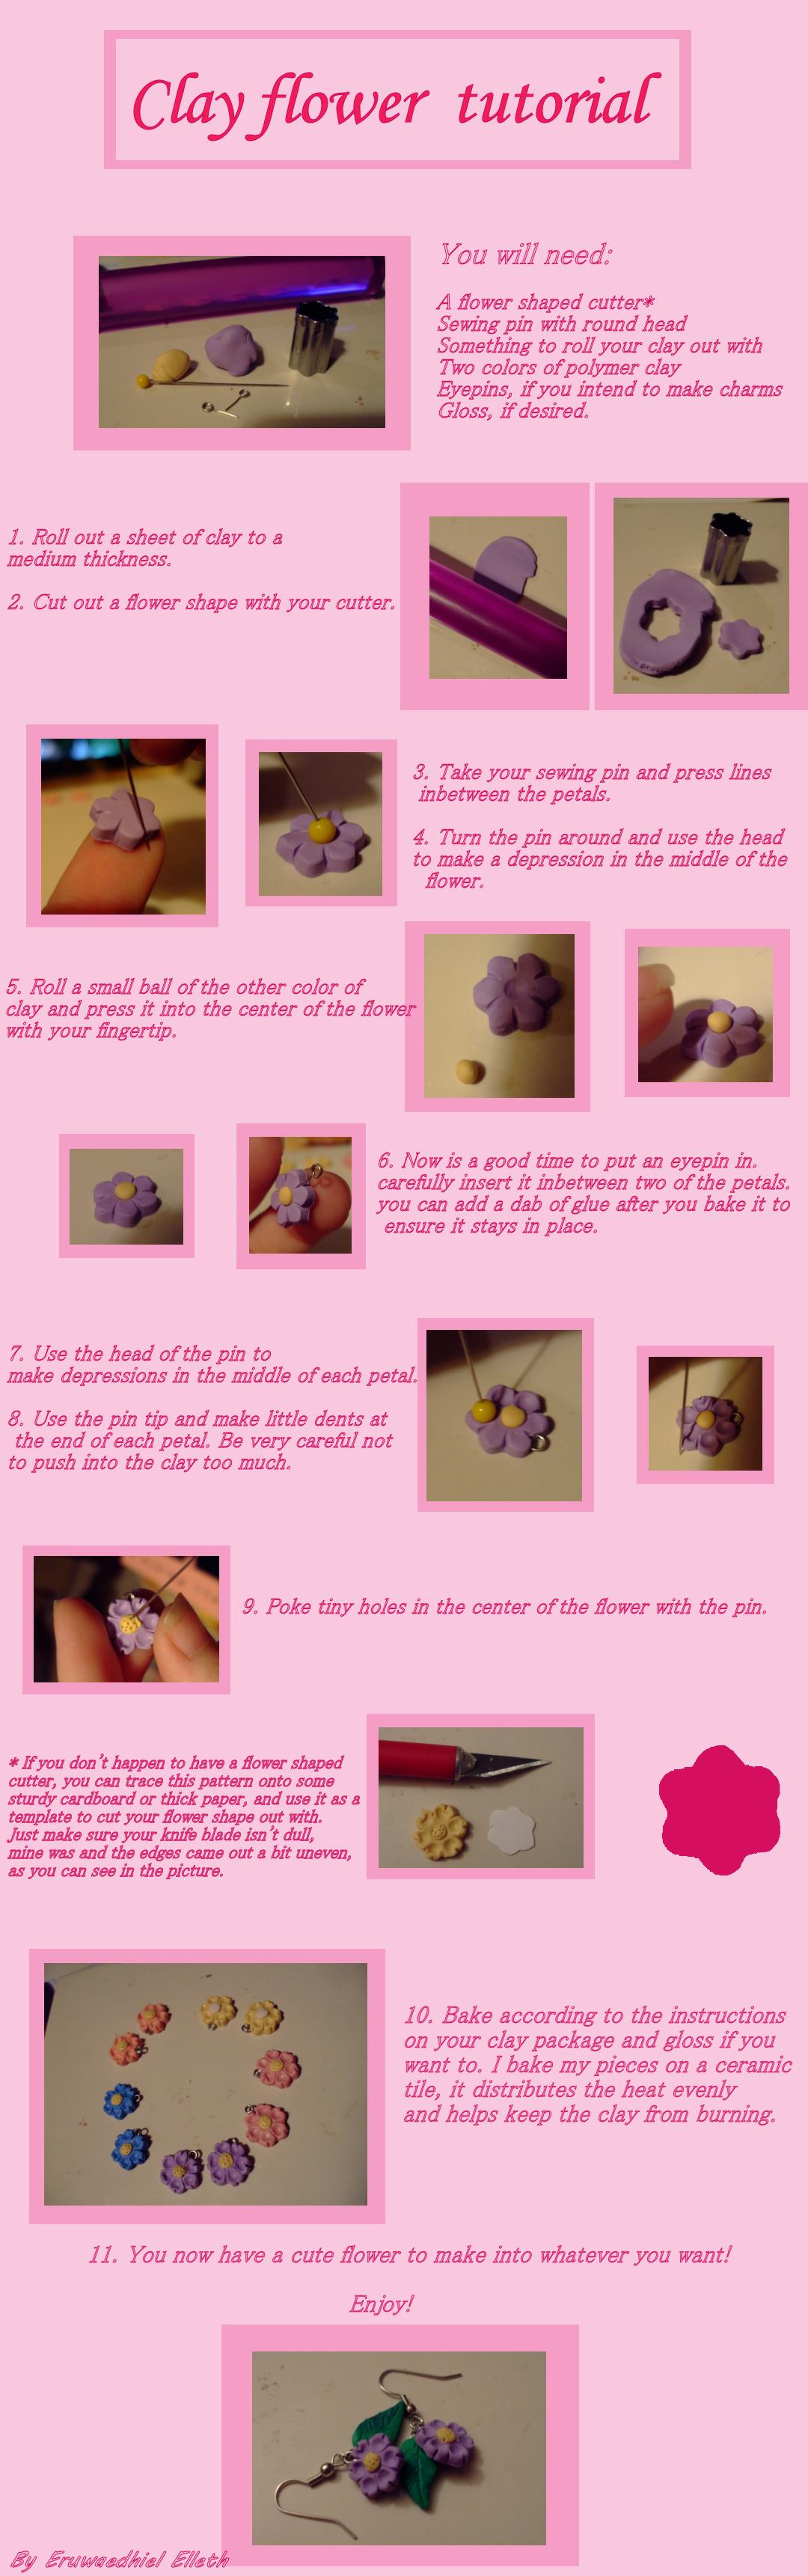 Clay flower tutorial by EruwaedhielElleth